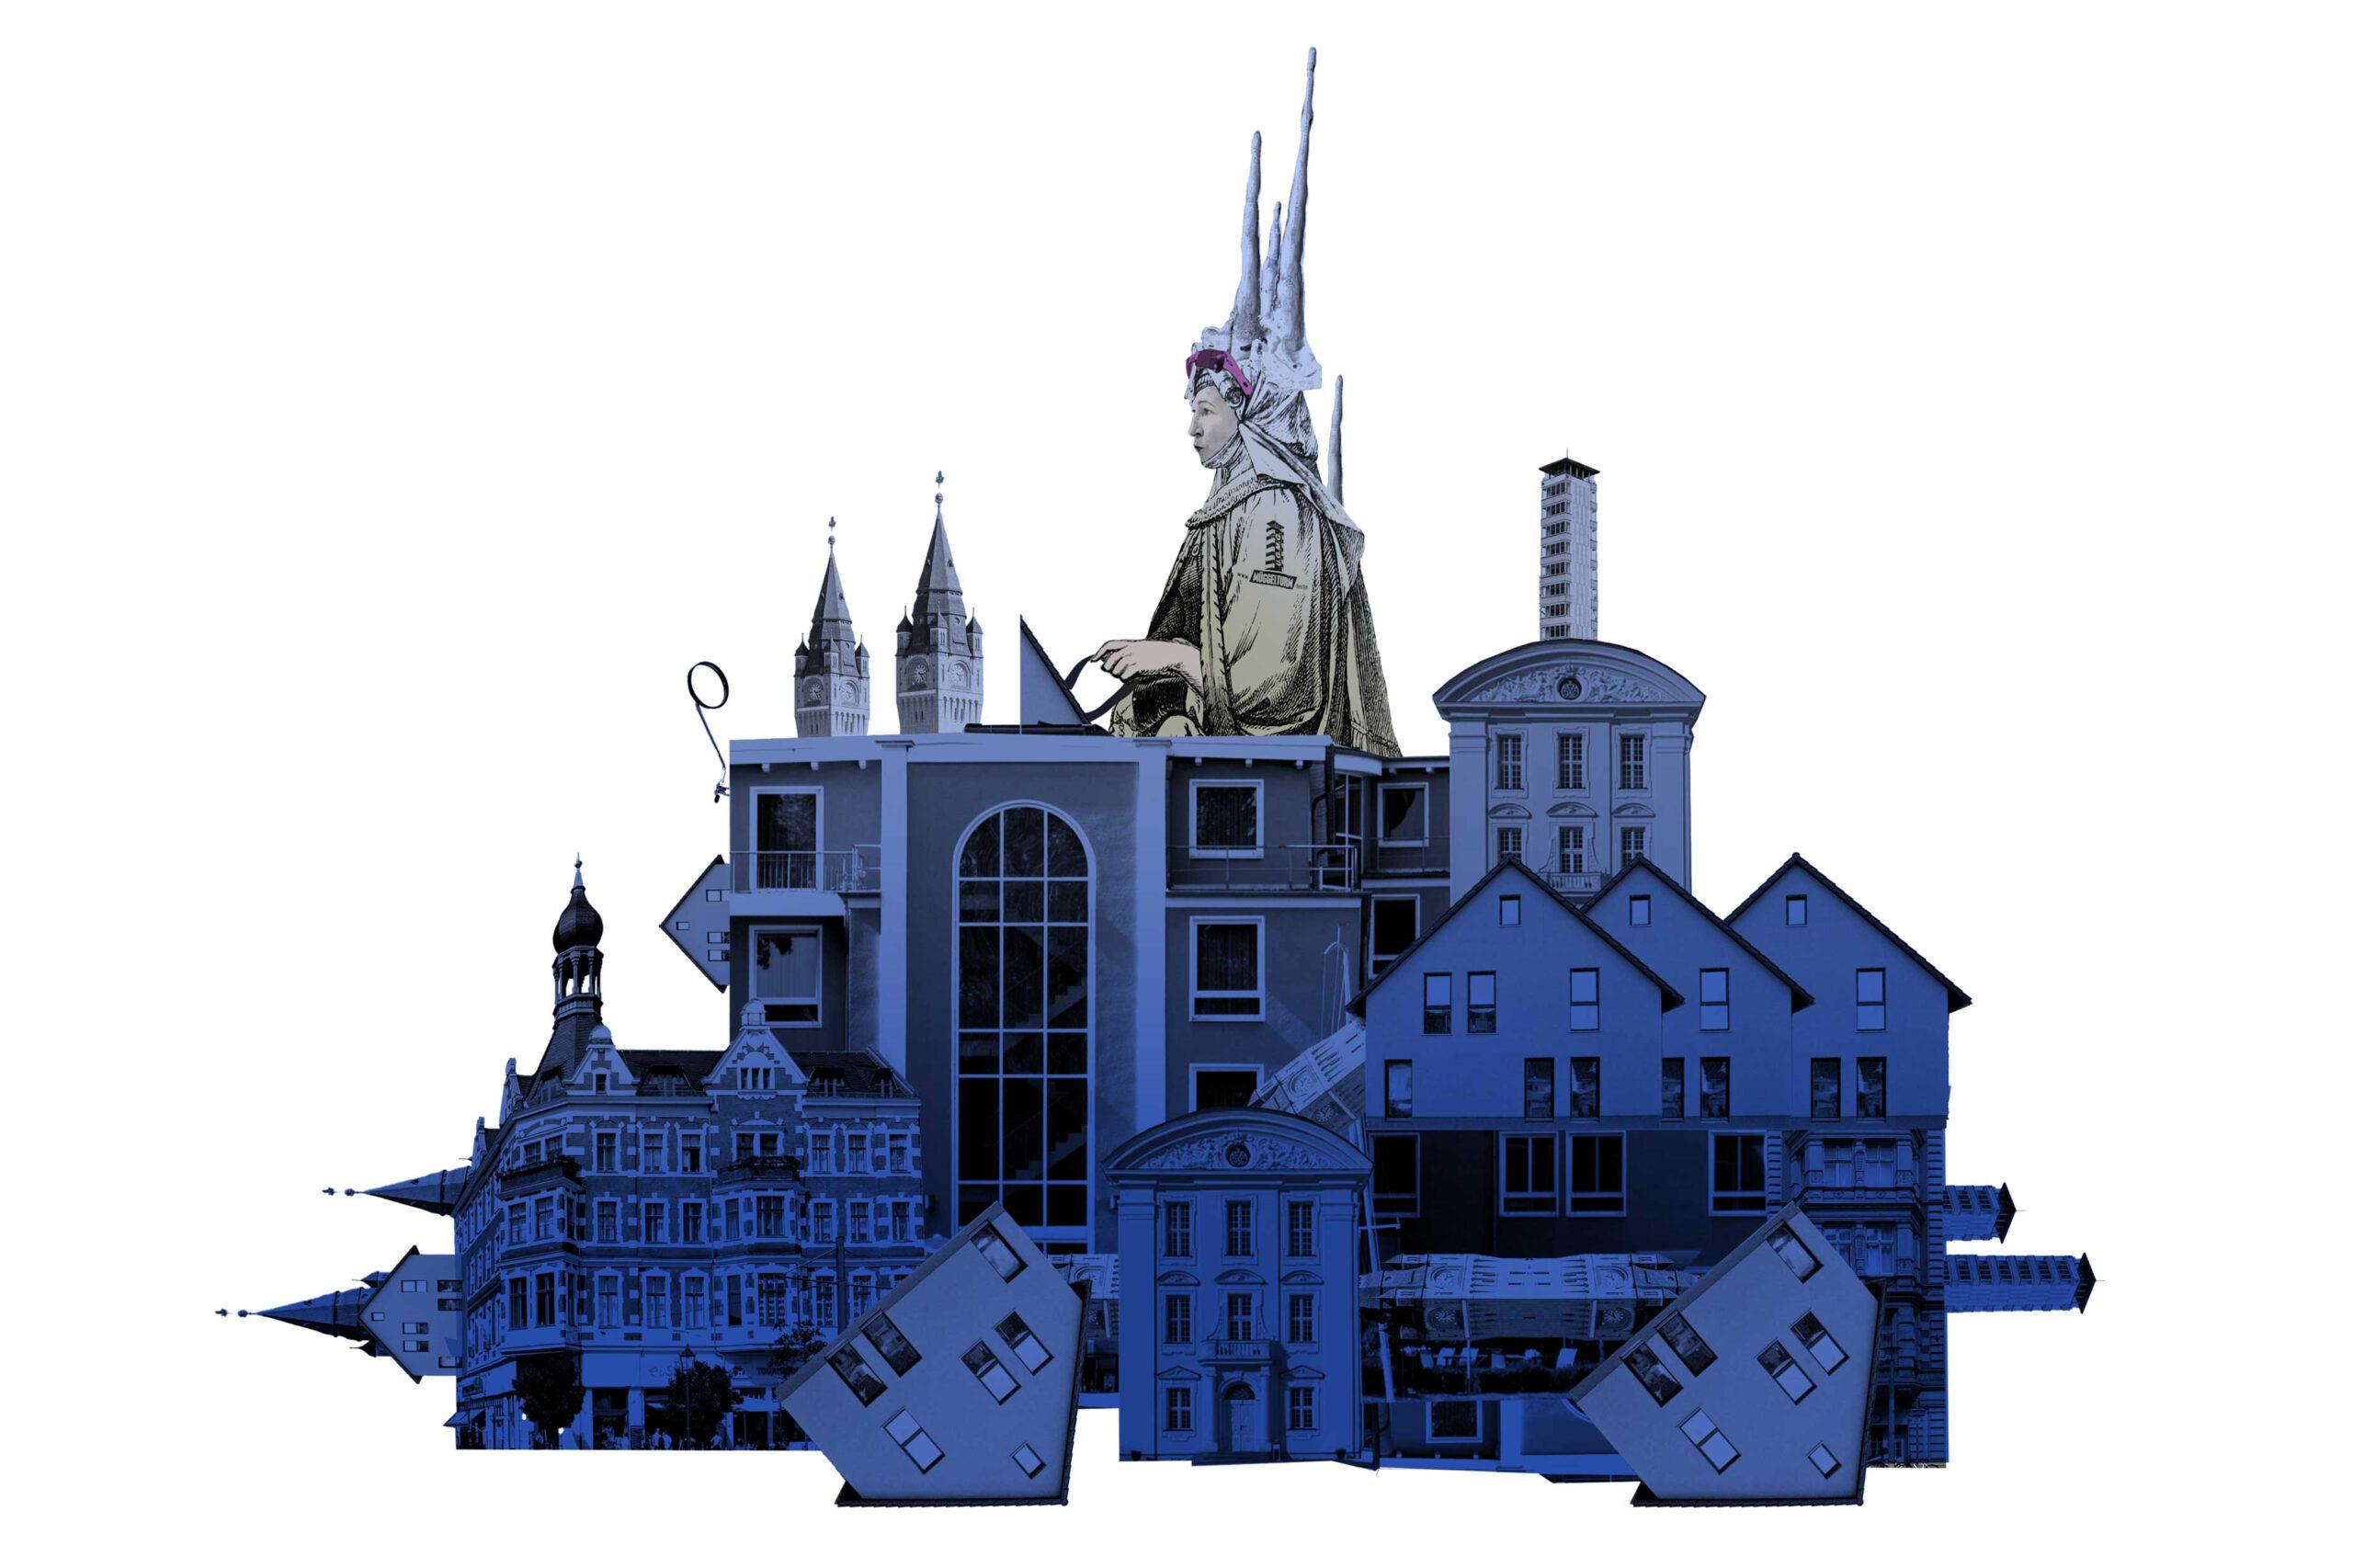 Claudia Pechstein in einem Gefährt aus hundert blauen Häusern